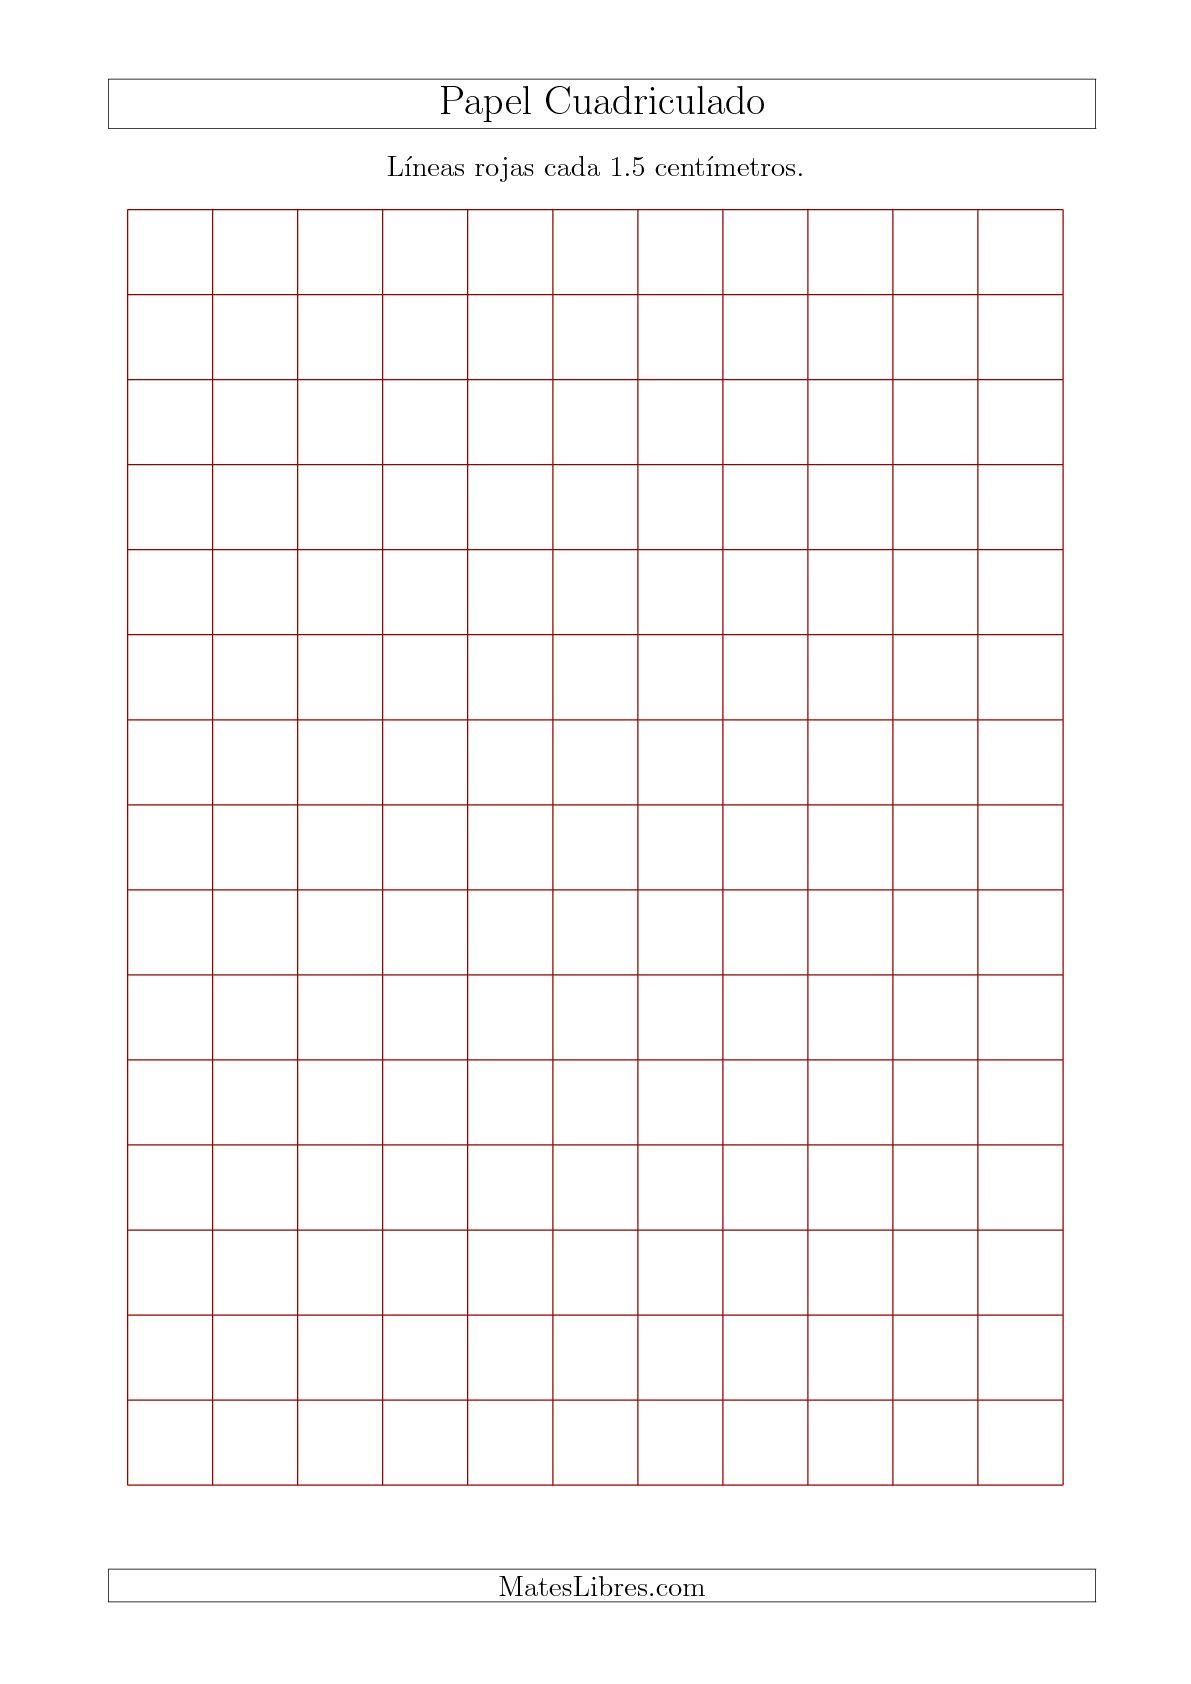 La Papel Cuadriculado con Líneas Rojas cada 1.5cm, Tamaño de Papel A4 Hojas de Papel Cuadriculado